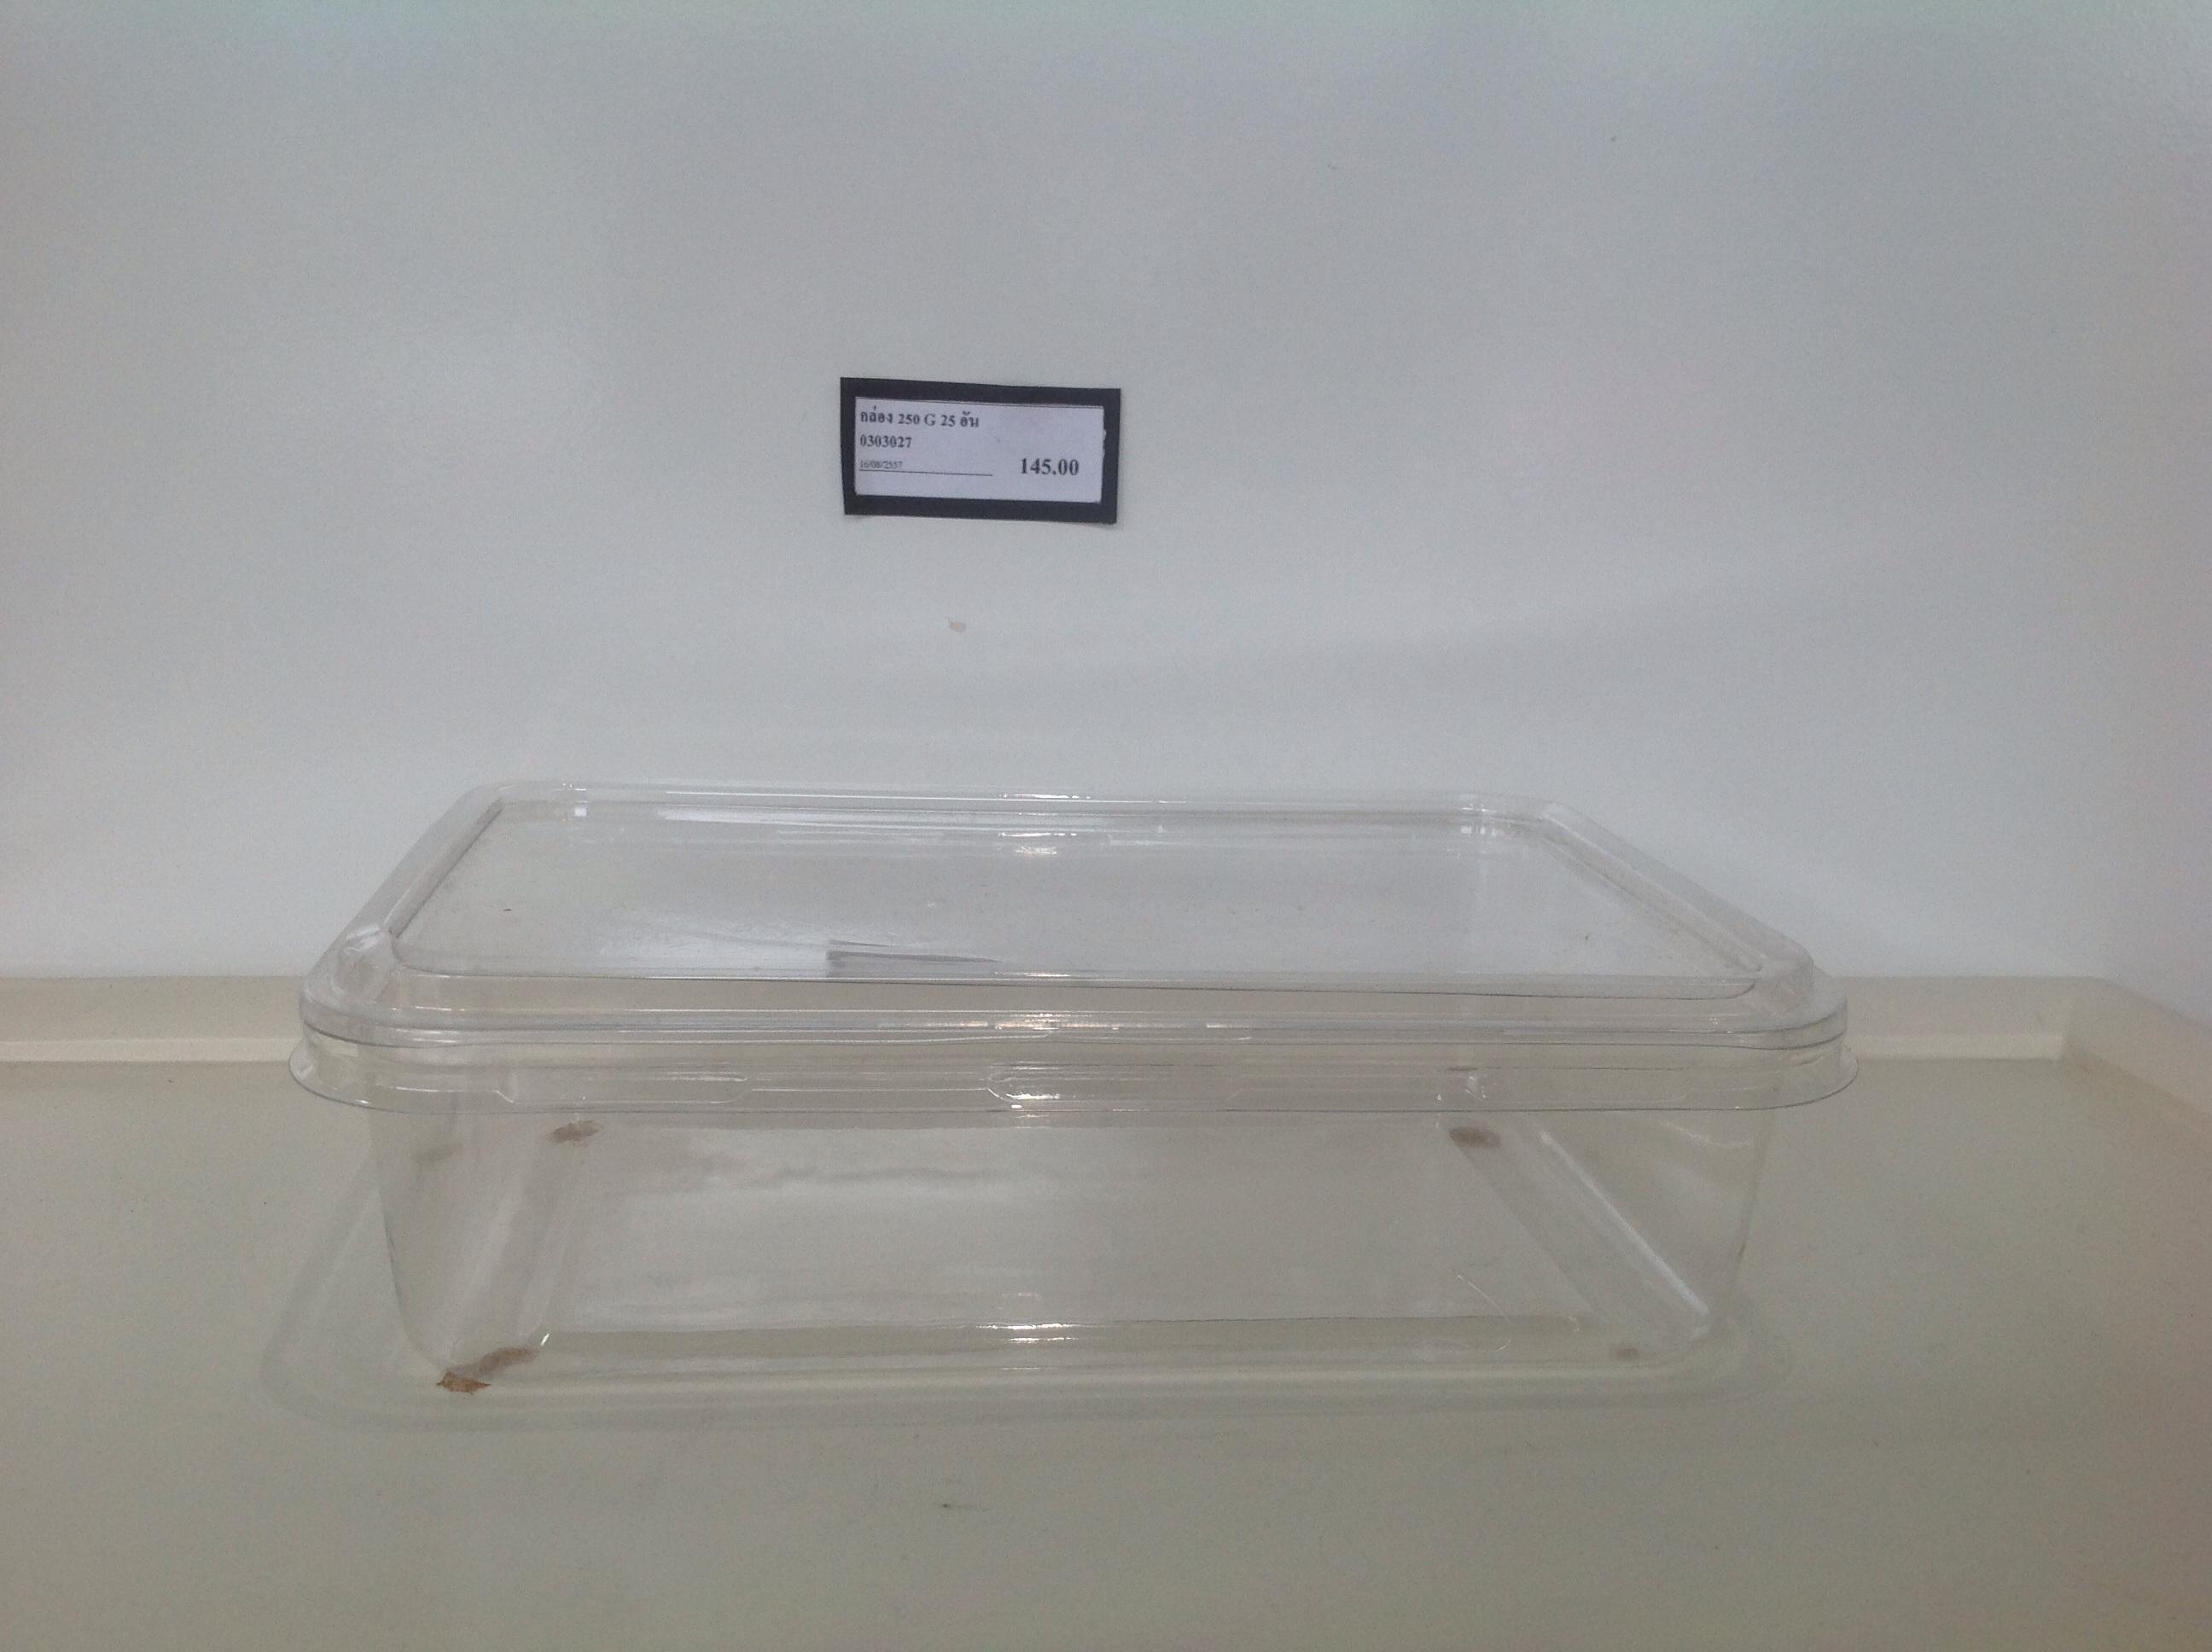 กล่อง 250G กว้าง 10 ซม. ยาว 16 ซม. สูง 4.5 ซม